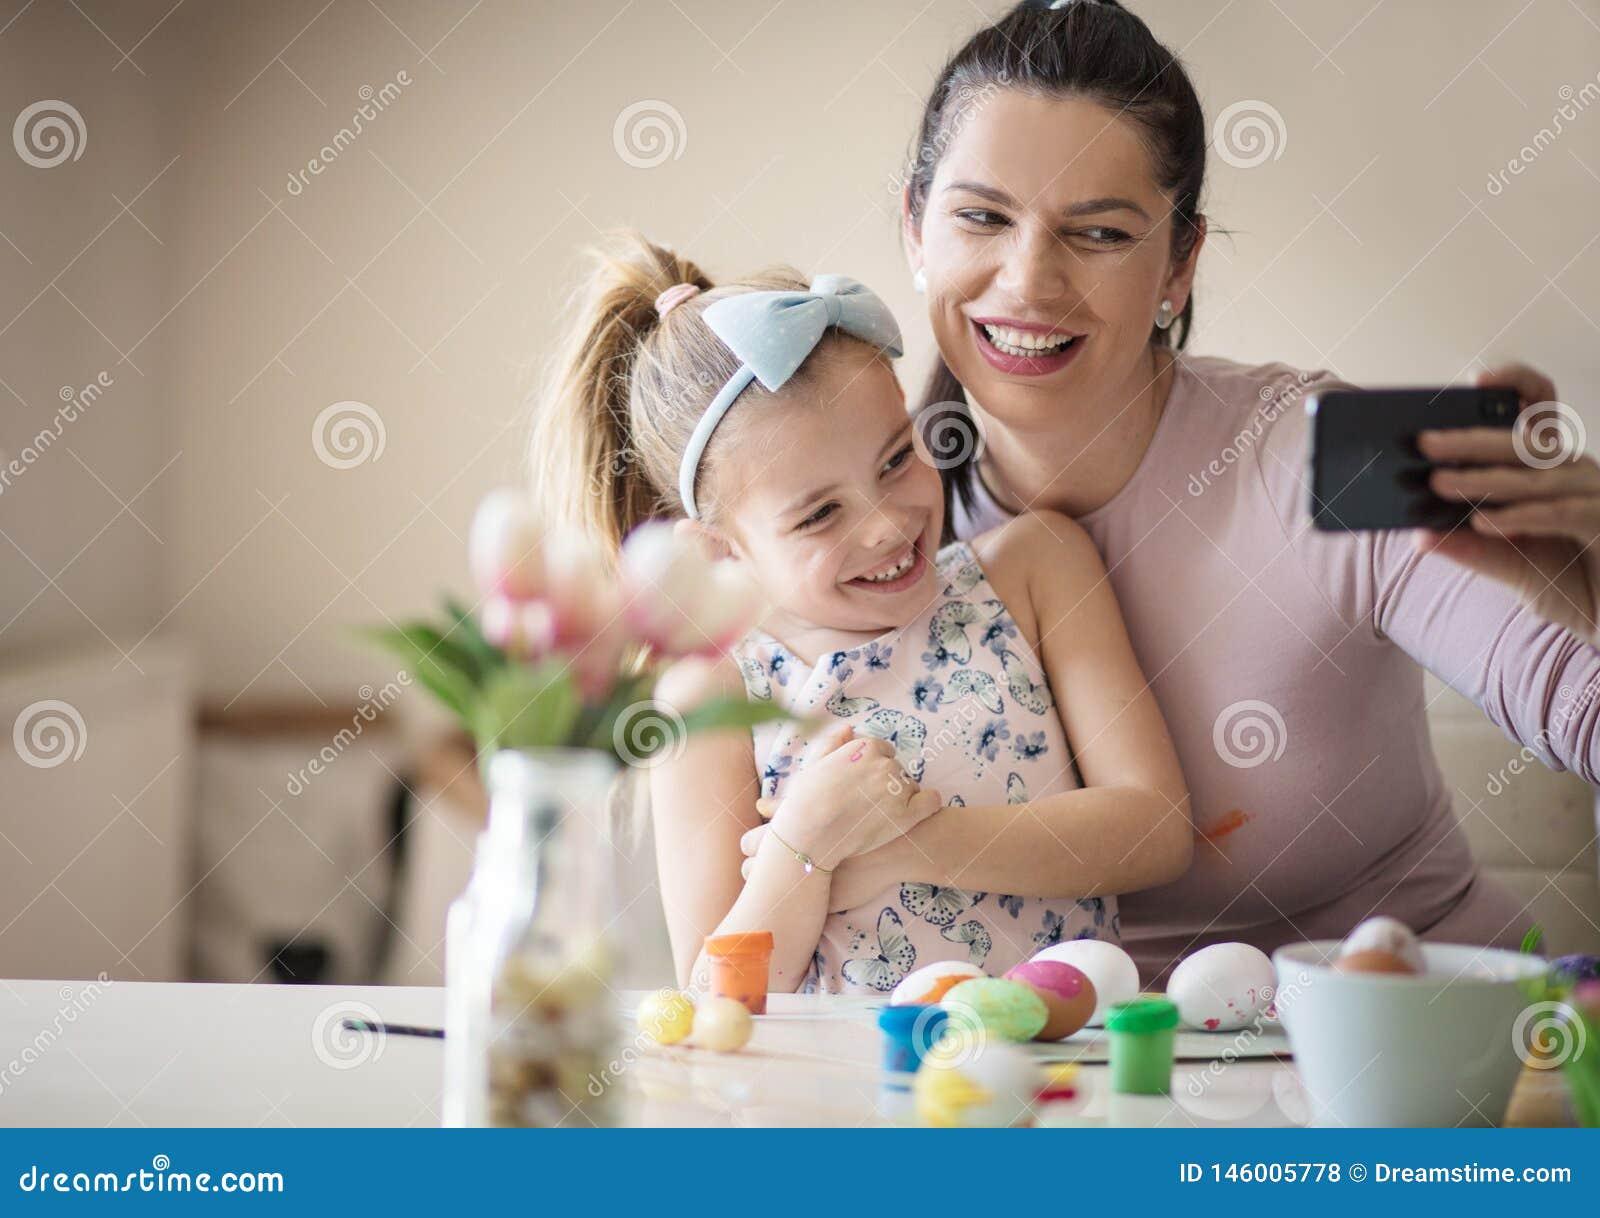 Δεν είναι οικογενειακός χρόνος χωρίς μια αυτοπροσωπογραφία